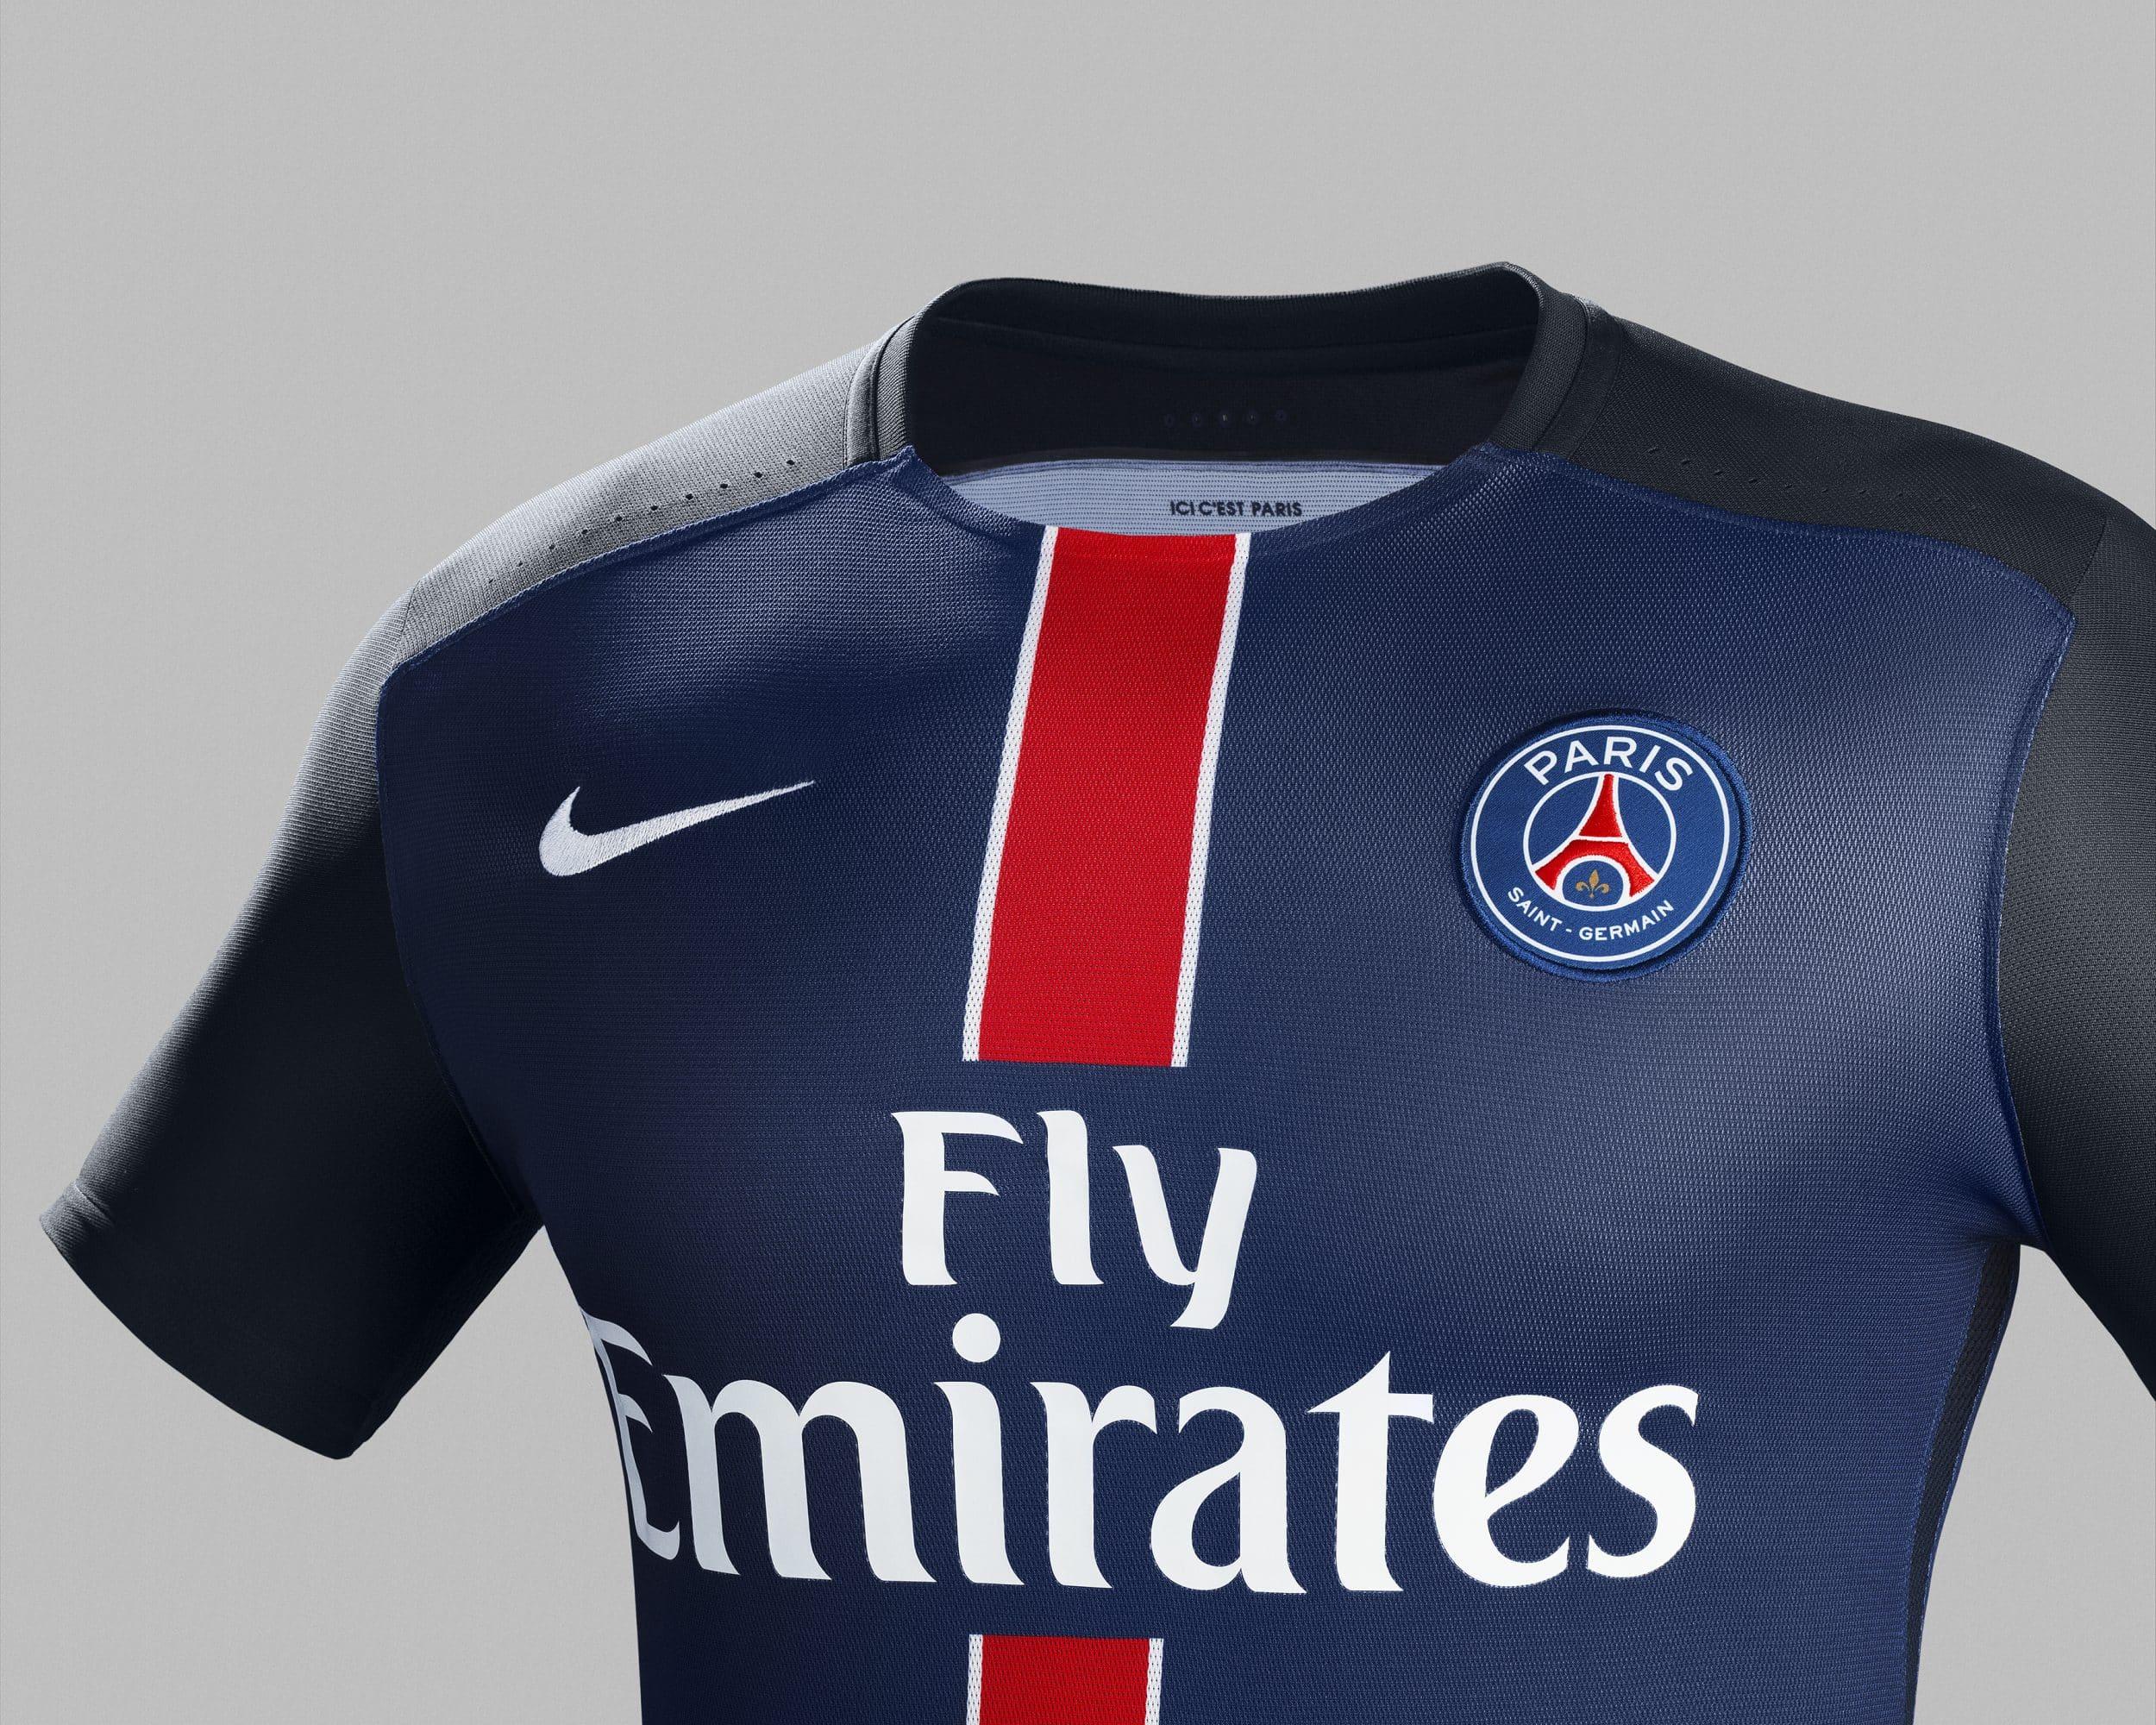 A quelques jours de la fin de la saison, Nike vient de présenter le nouveau maillot domicile du Paris Saint-Germain pur la saison 2015-2016.